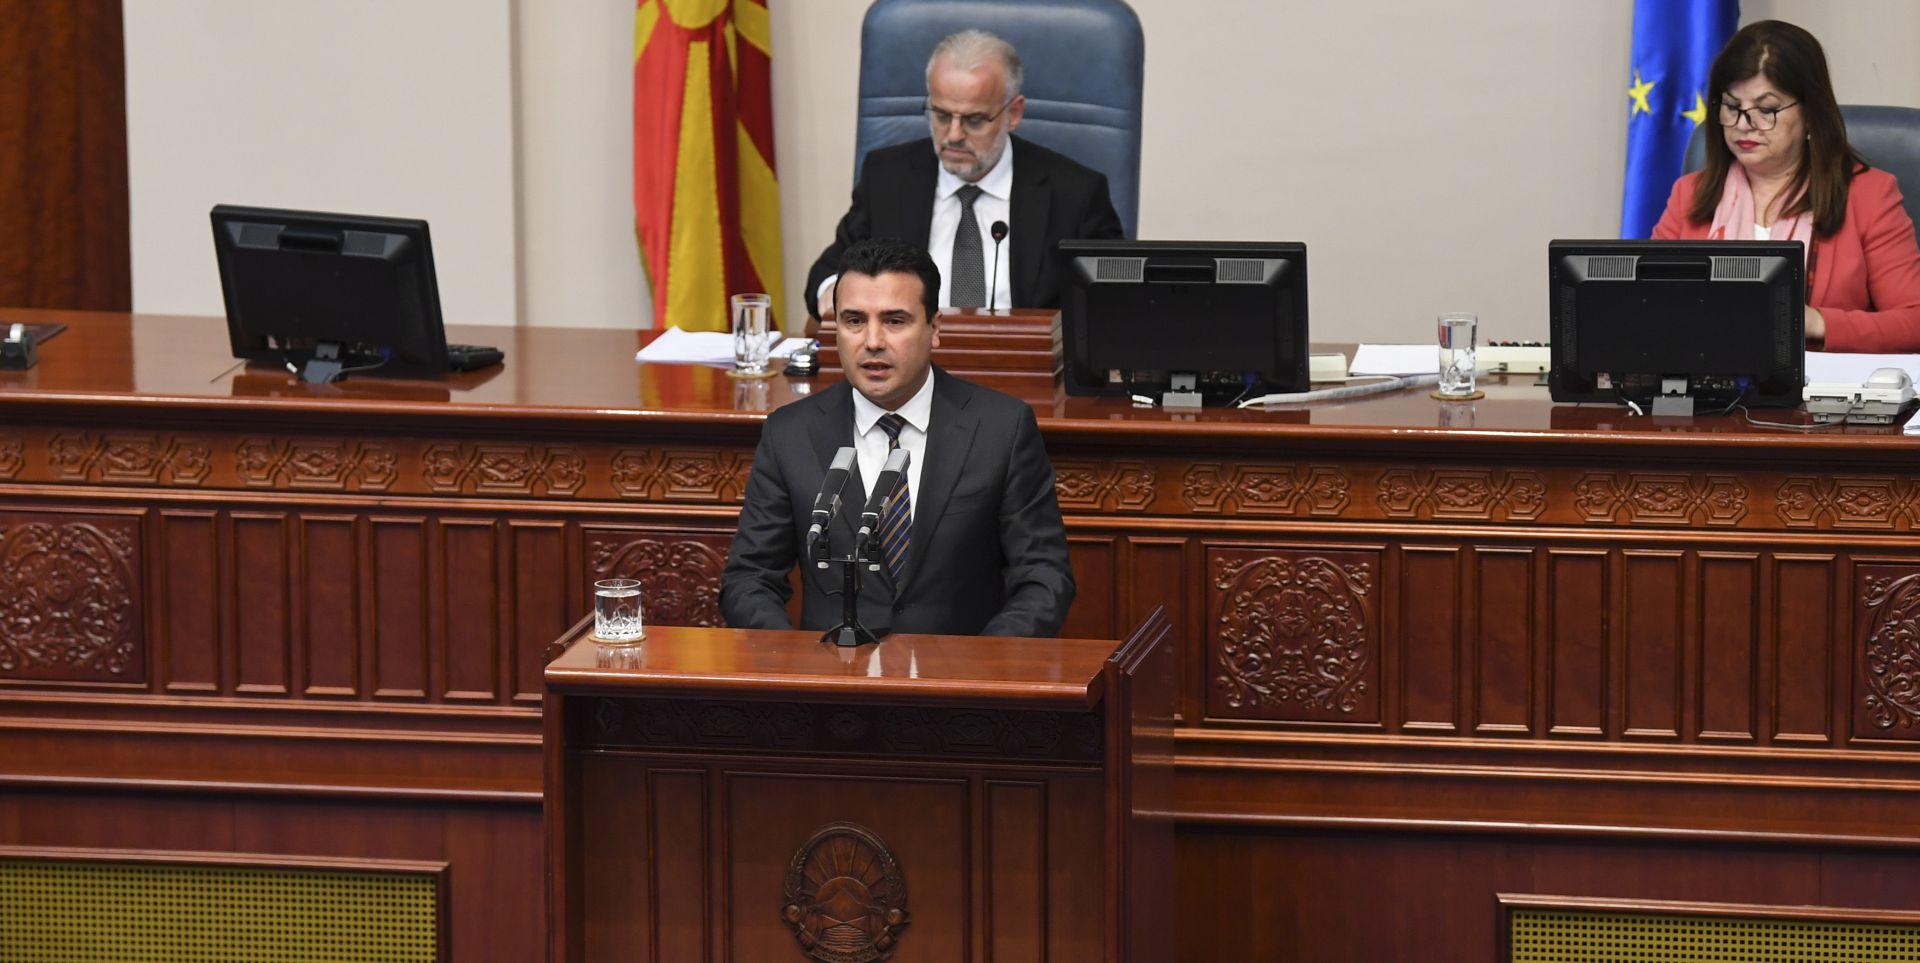 SJEVERNA MAKEDONIJA: Premijer Zoran Zaev podnio ostavku